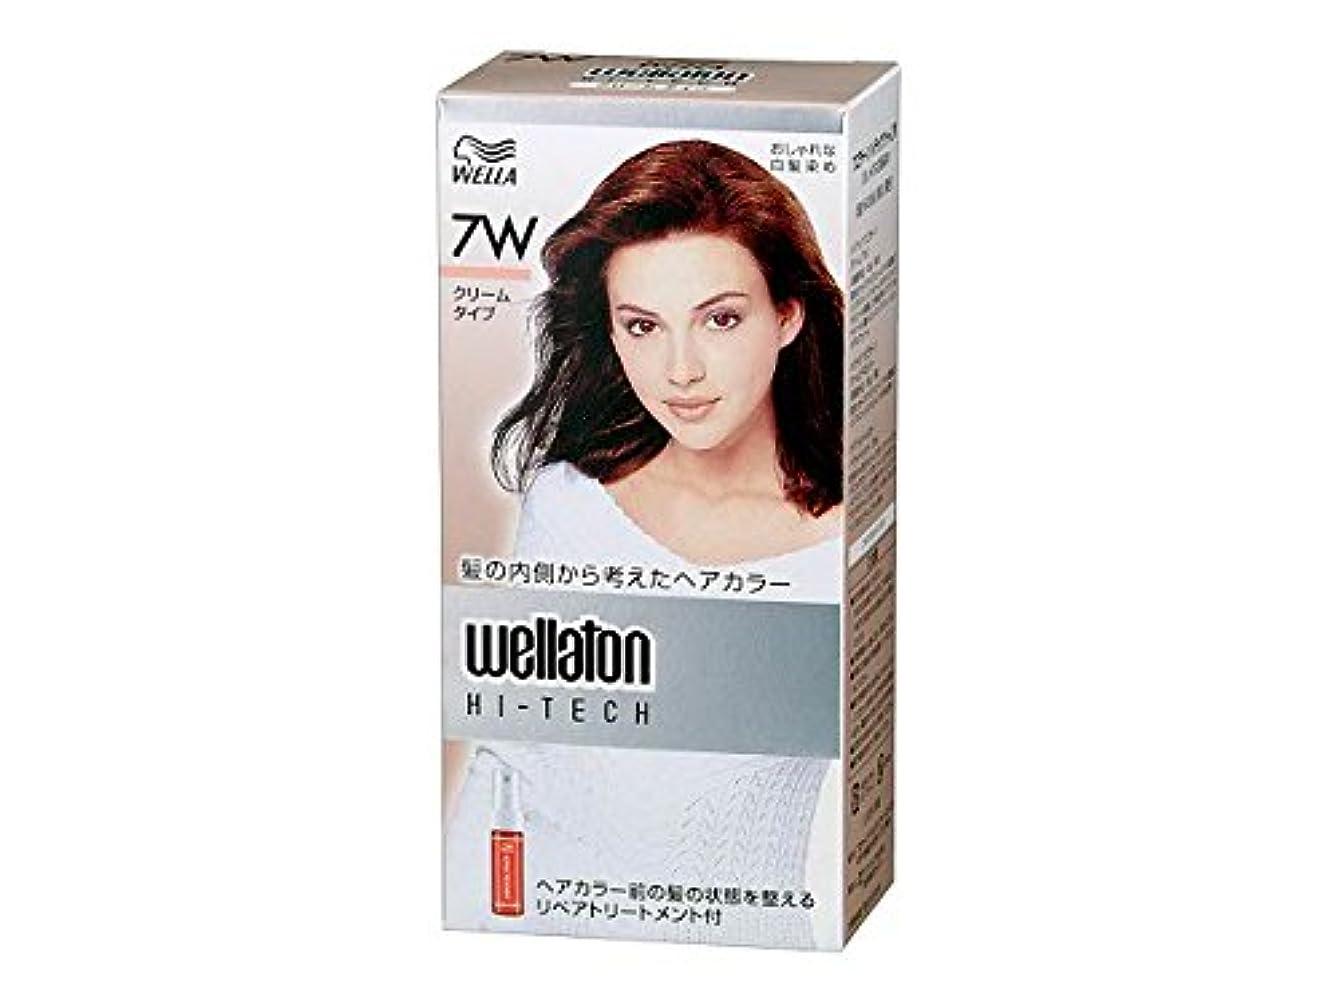 単位イディオムめる【ヘアケア】P&G ウエラトーン ハイテック クリーム 7W 暖かみのある明るい栗色 医薬部外品 白髪染めヘアカラー(女性用)×24点セット (4902565140541)